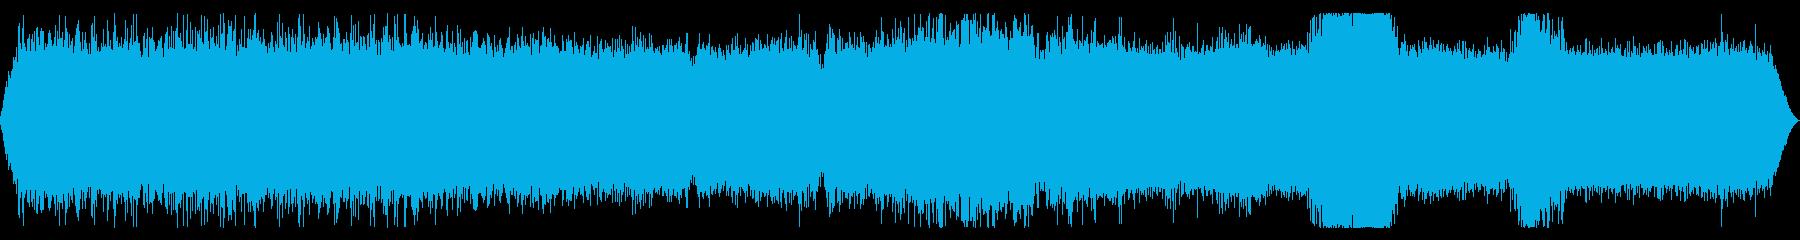 【自然音】滝01#2(山梨)の再生済みの波形